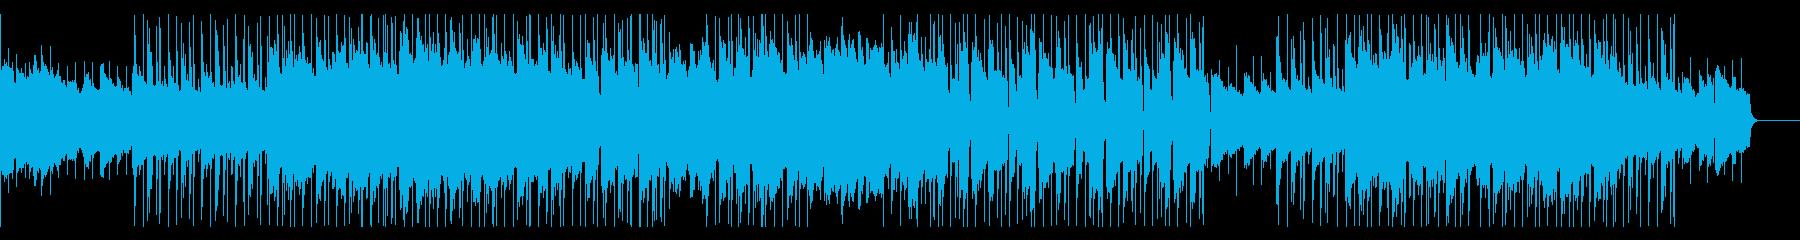 ゆったりとしたHIPHOPの再生済みの波形